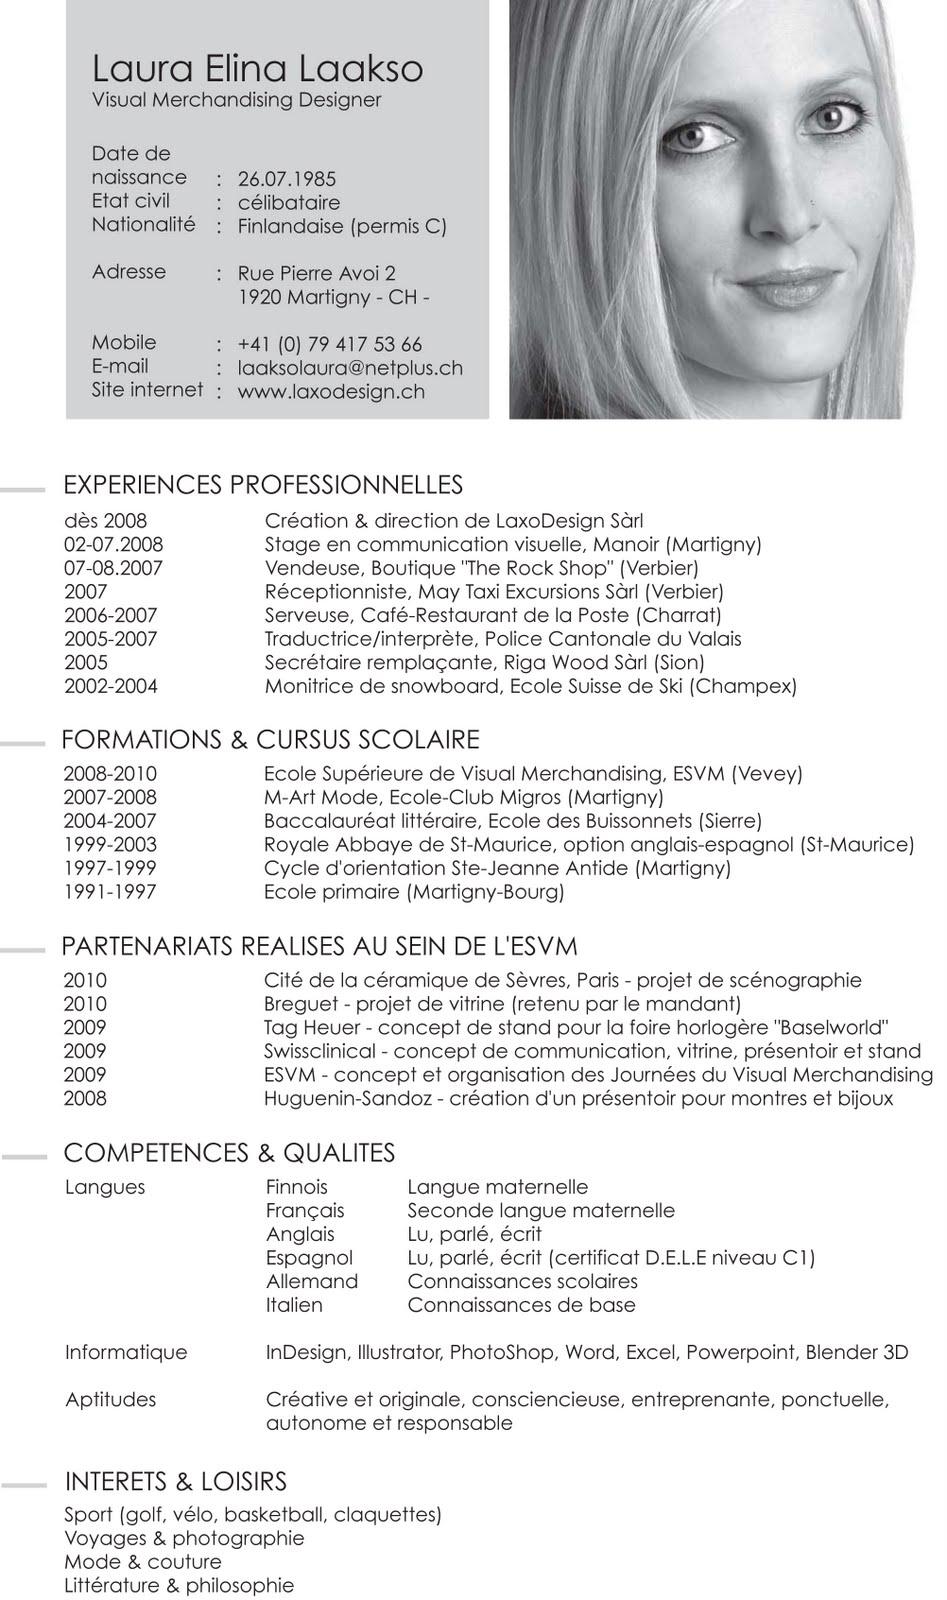 resume format  presentation visuelle cv